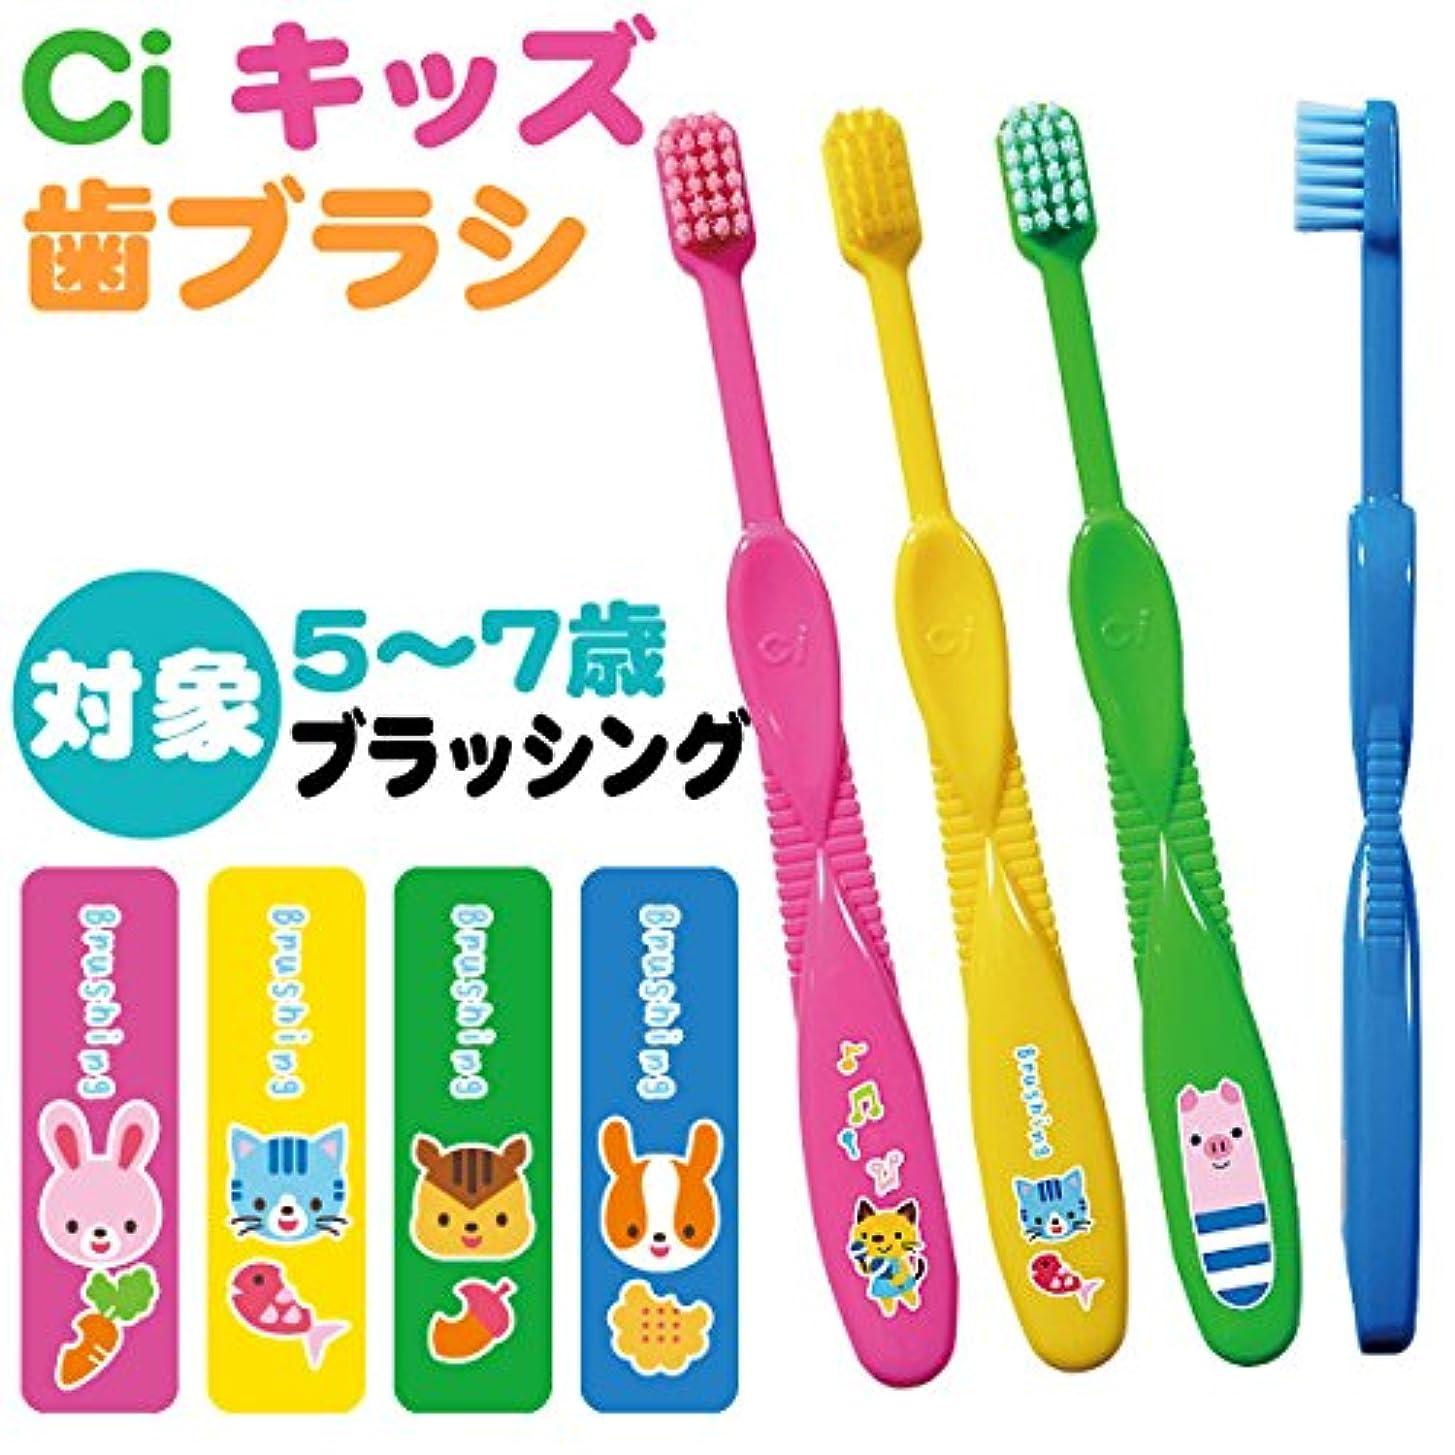 用量種謙虚なCiキッズ歯ブラシ ブラッシング柄 4本